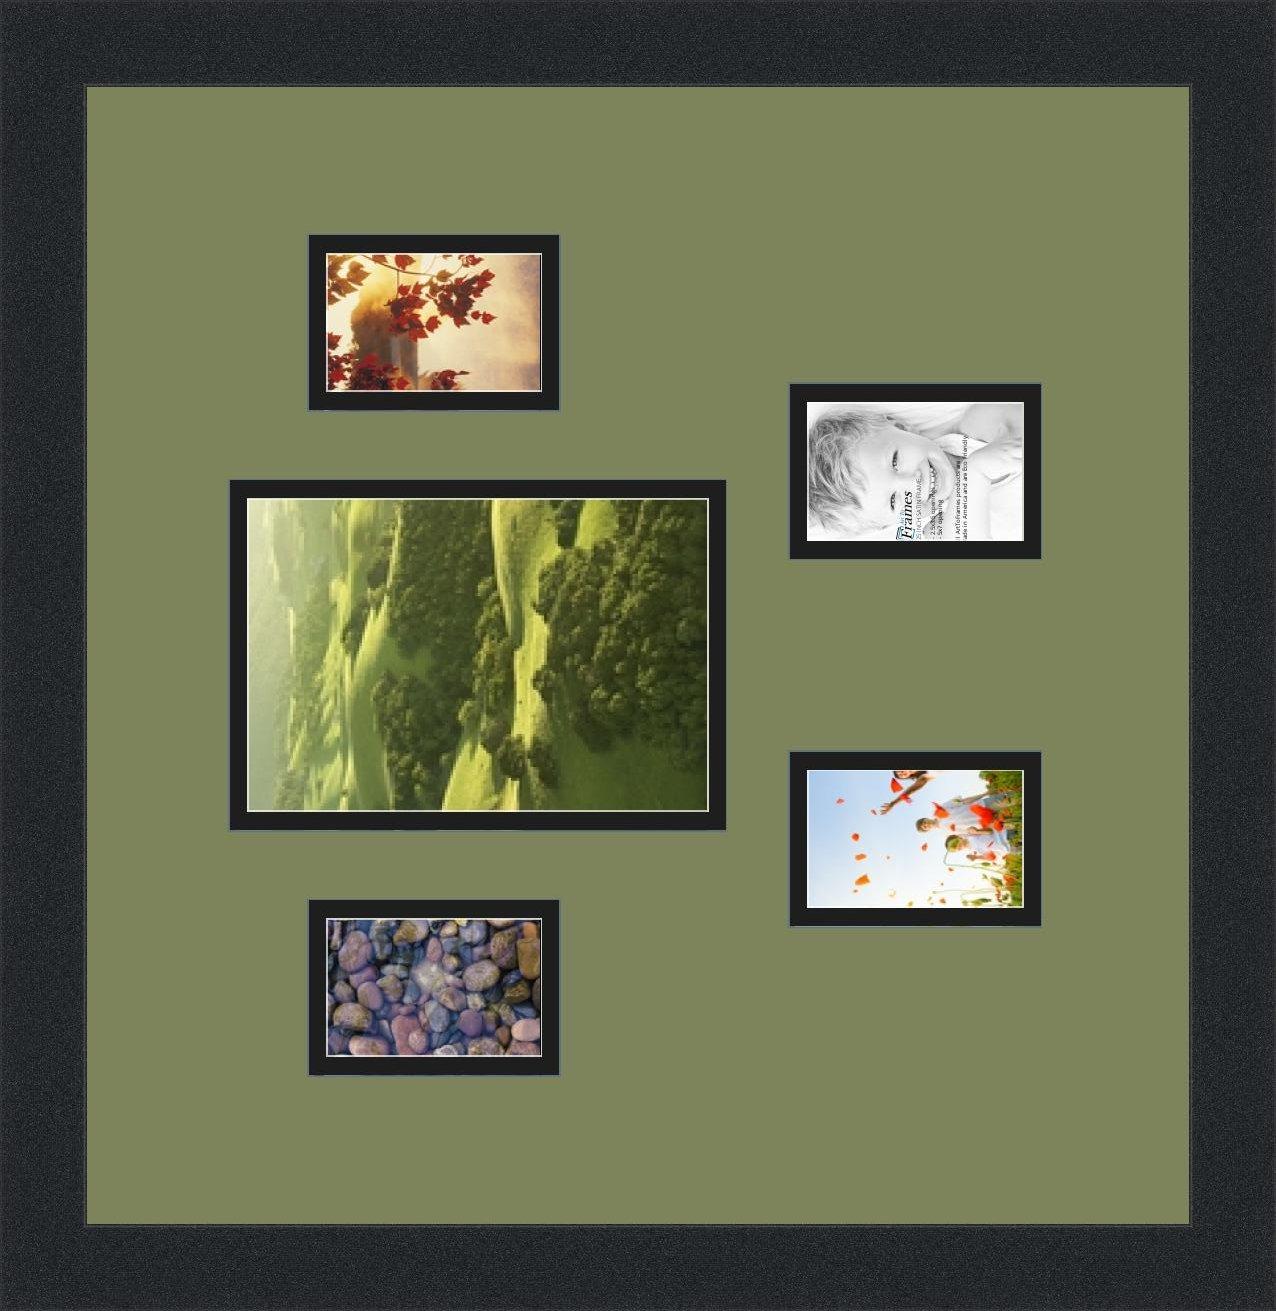 Groß Bilderrahmen Für 3 5x7 Fotos Zeitgenössisch ...